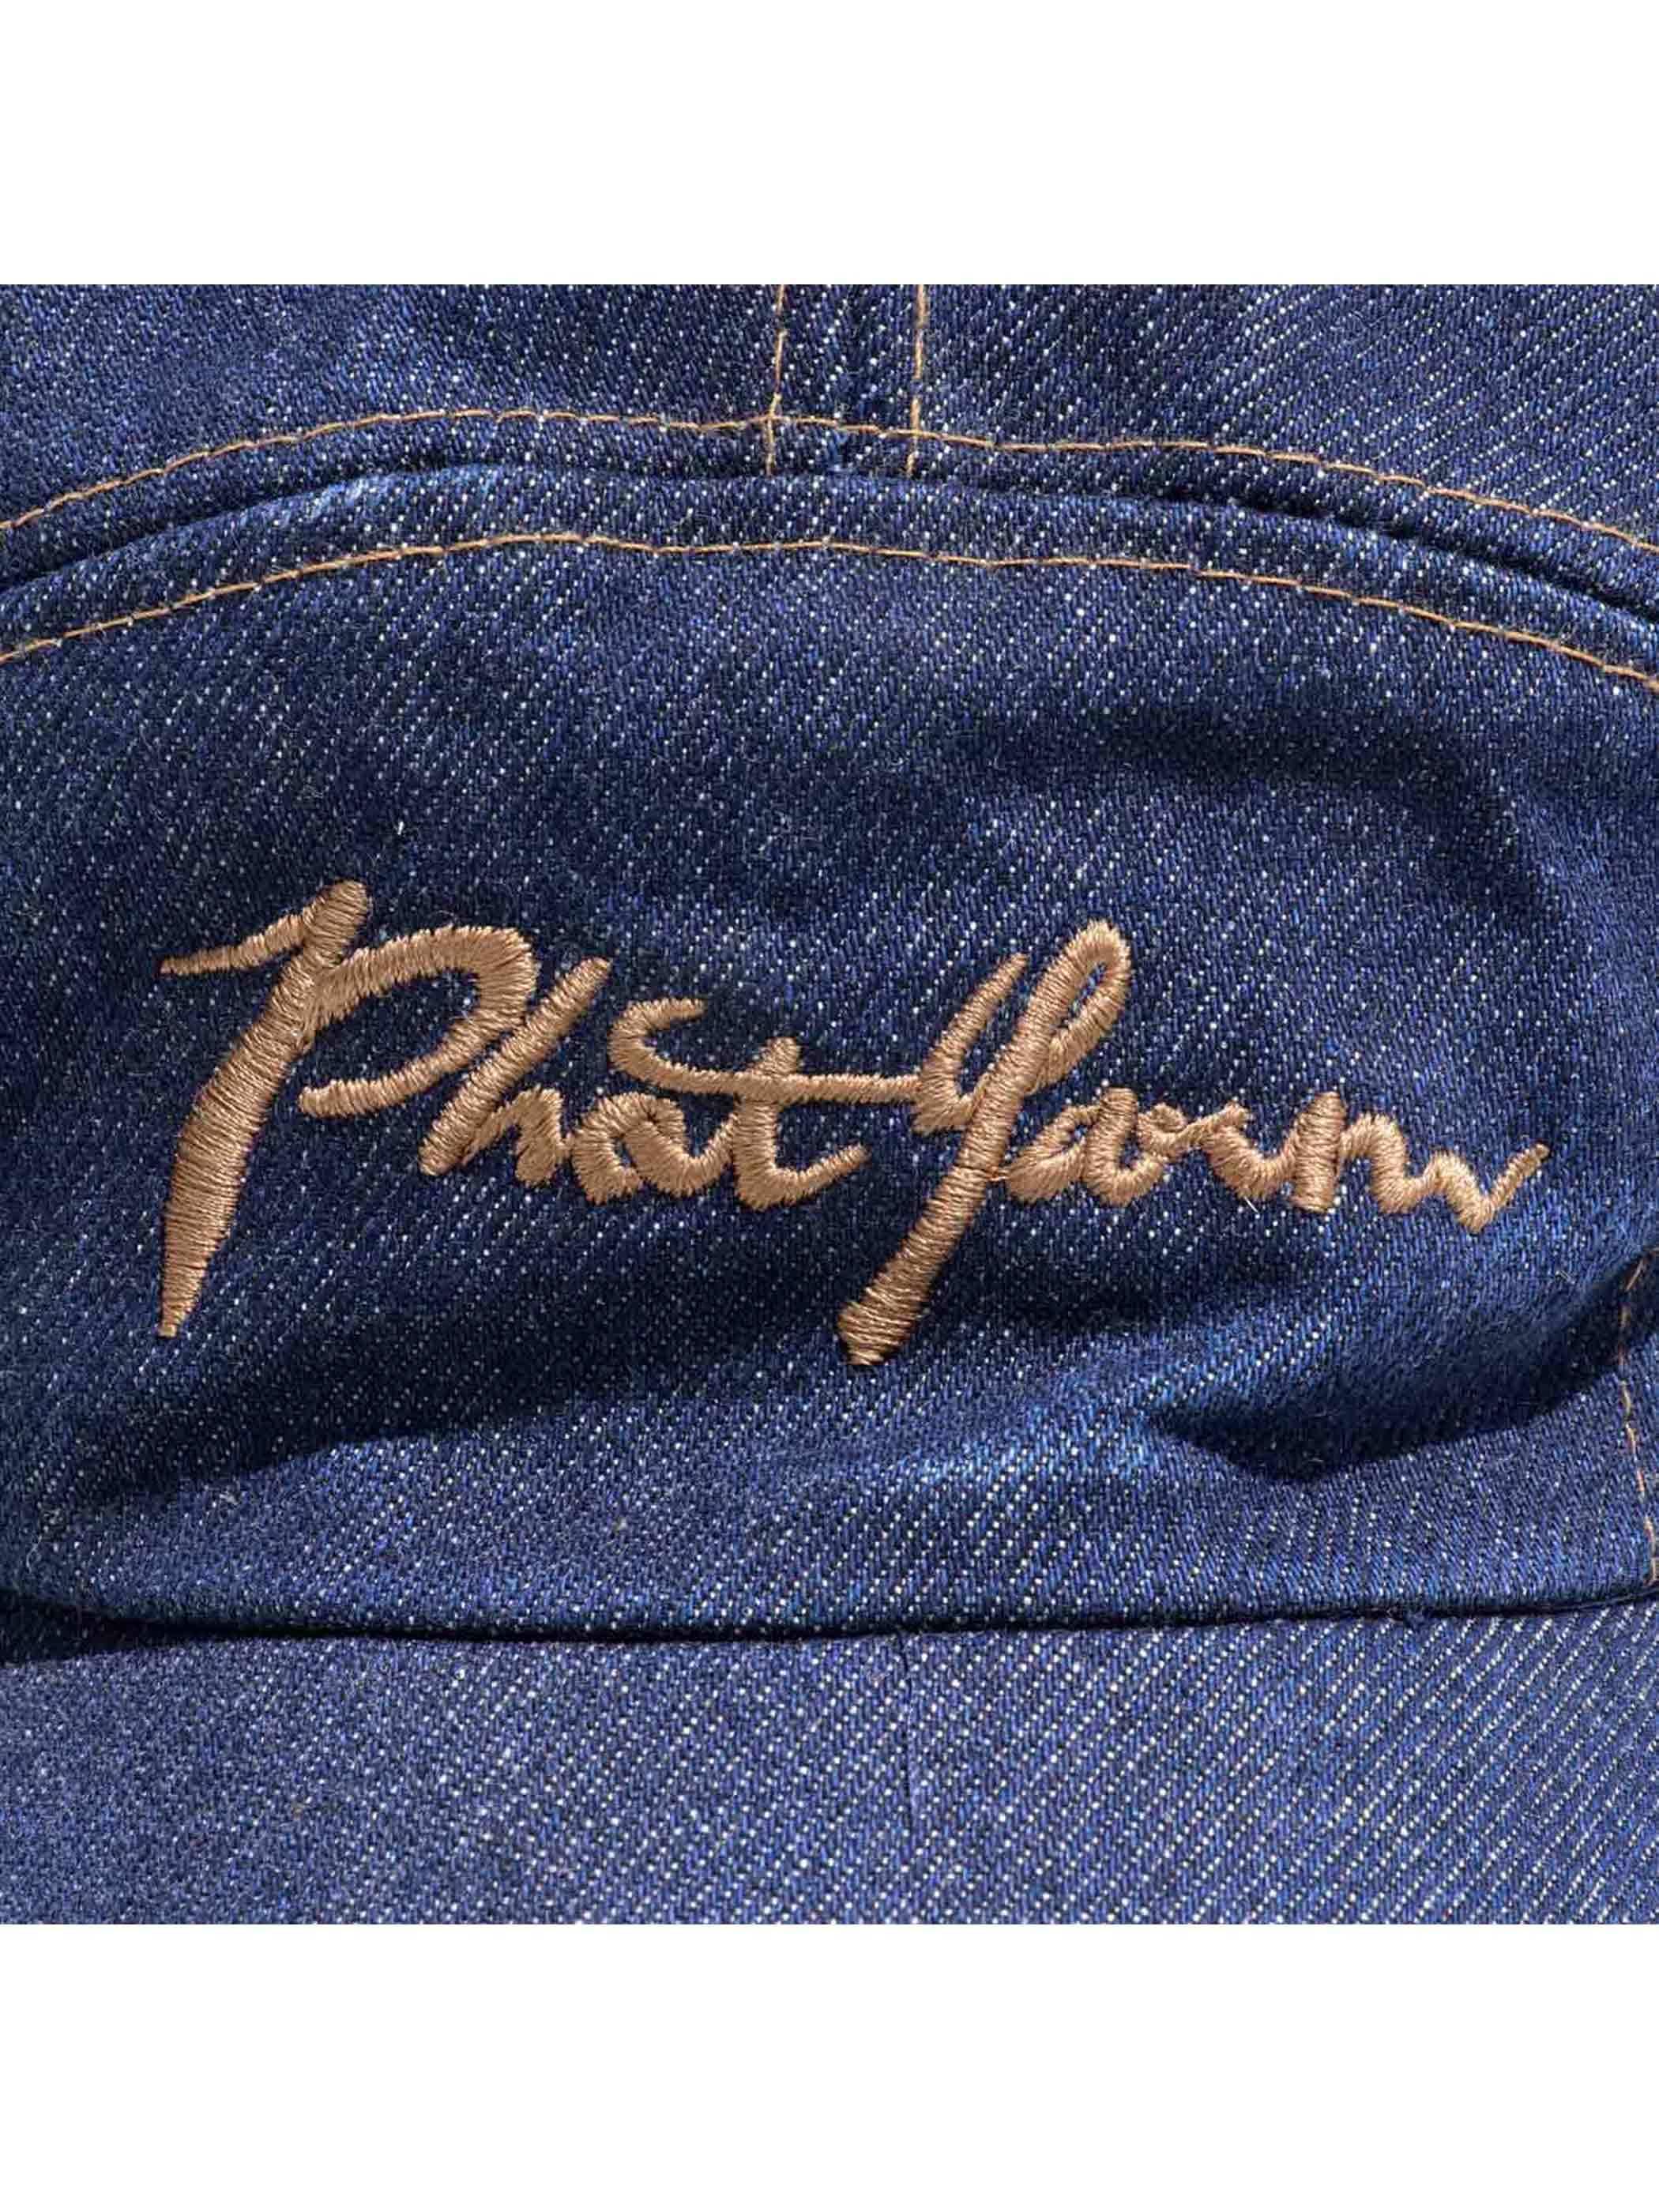 90's PHAT FARM デニム ジェットキャップ [M-L]